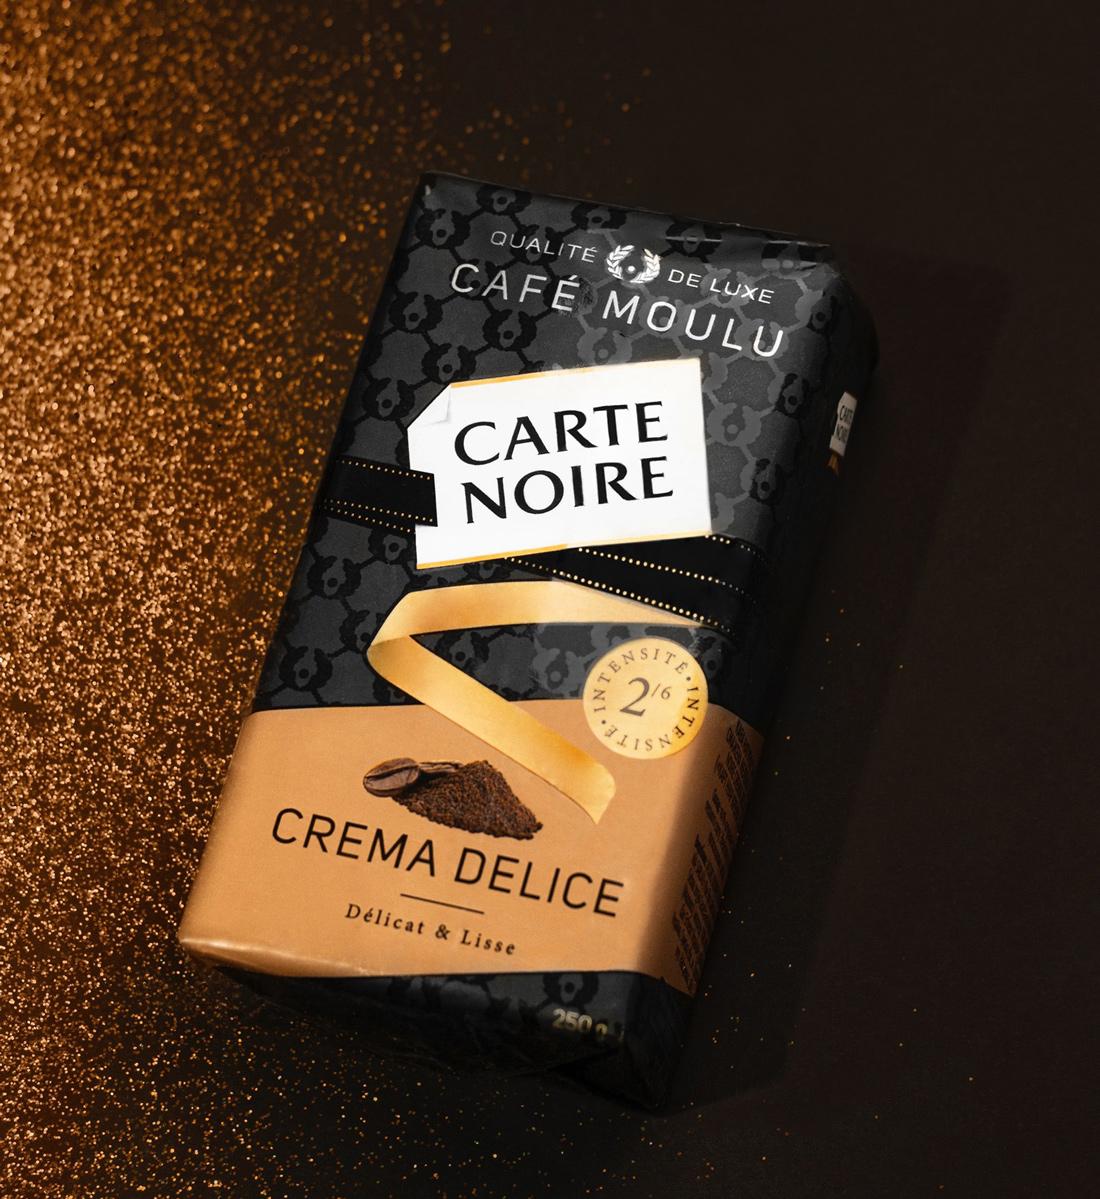 Кофе молотый Carte Noire 250гр. Crema Delice Carte Noire - фото 4